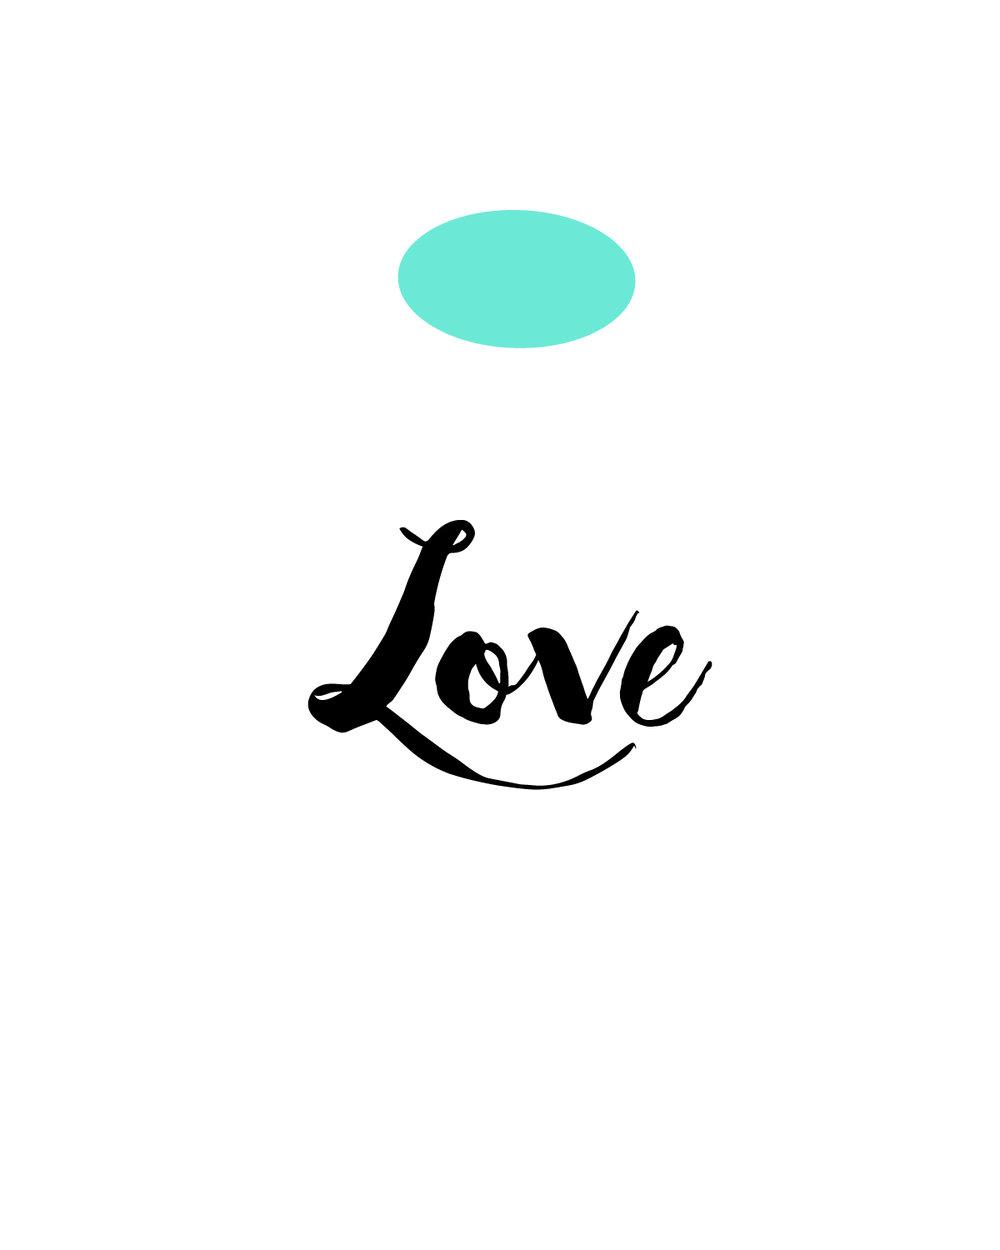 love-01-01-01.jpg